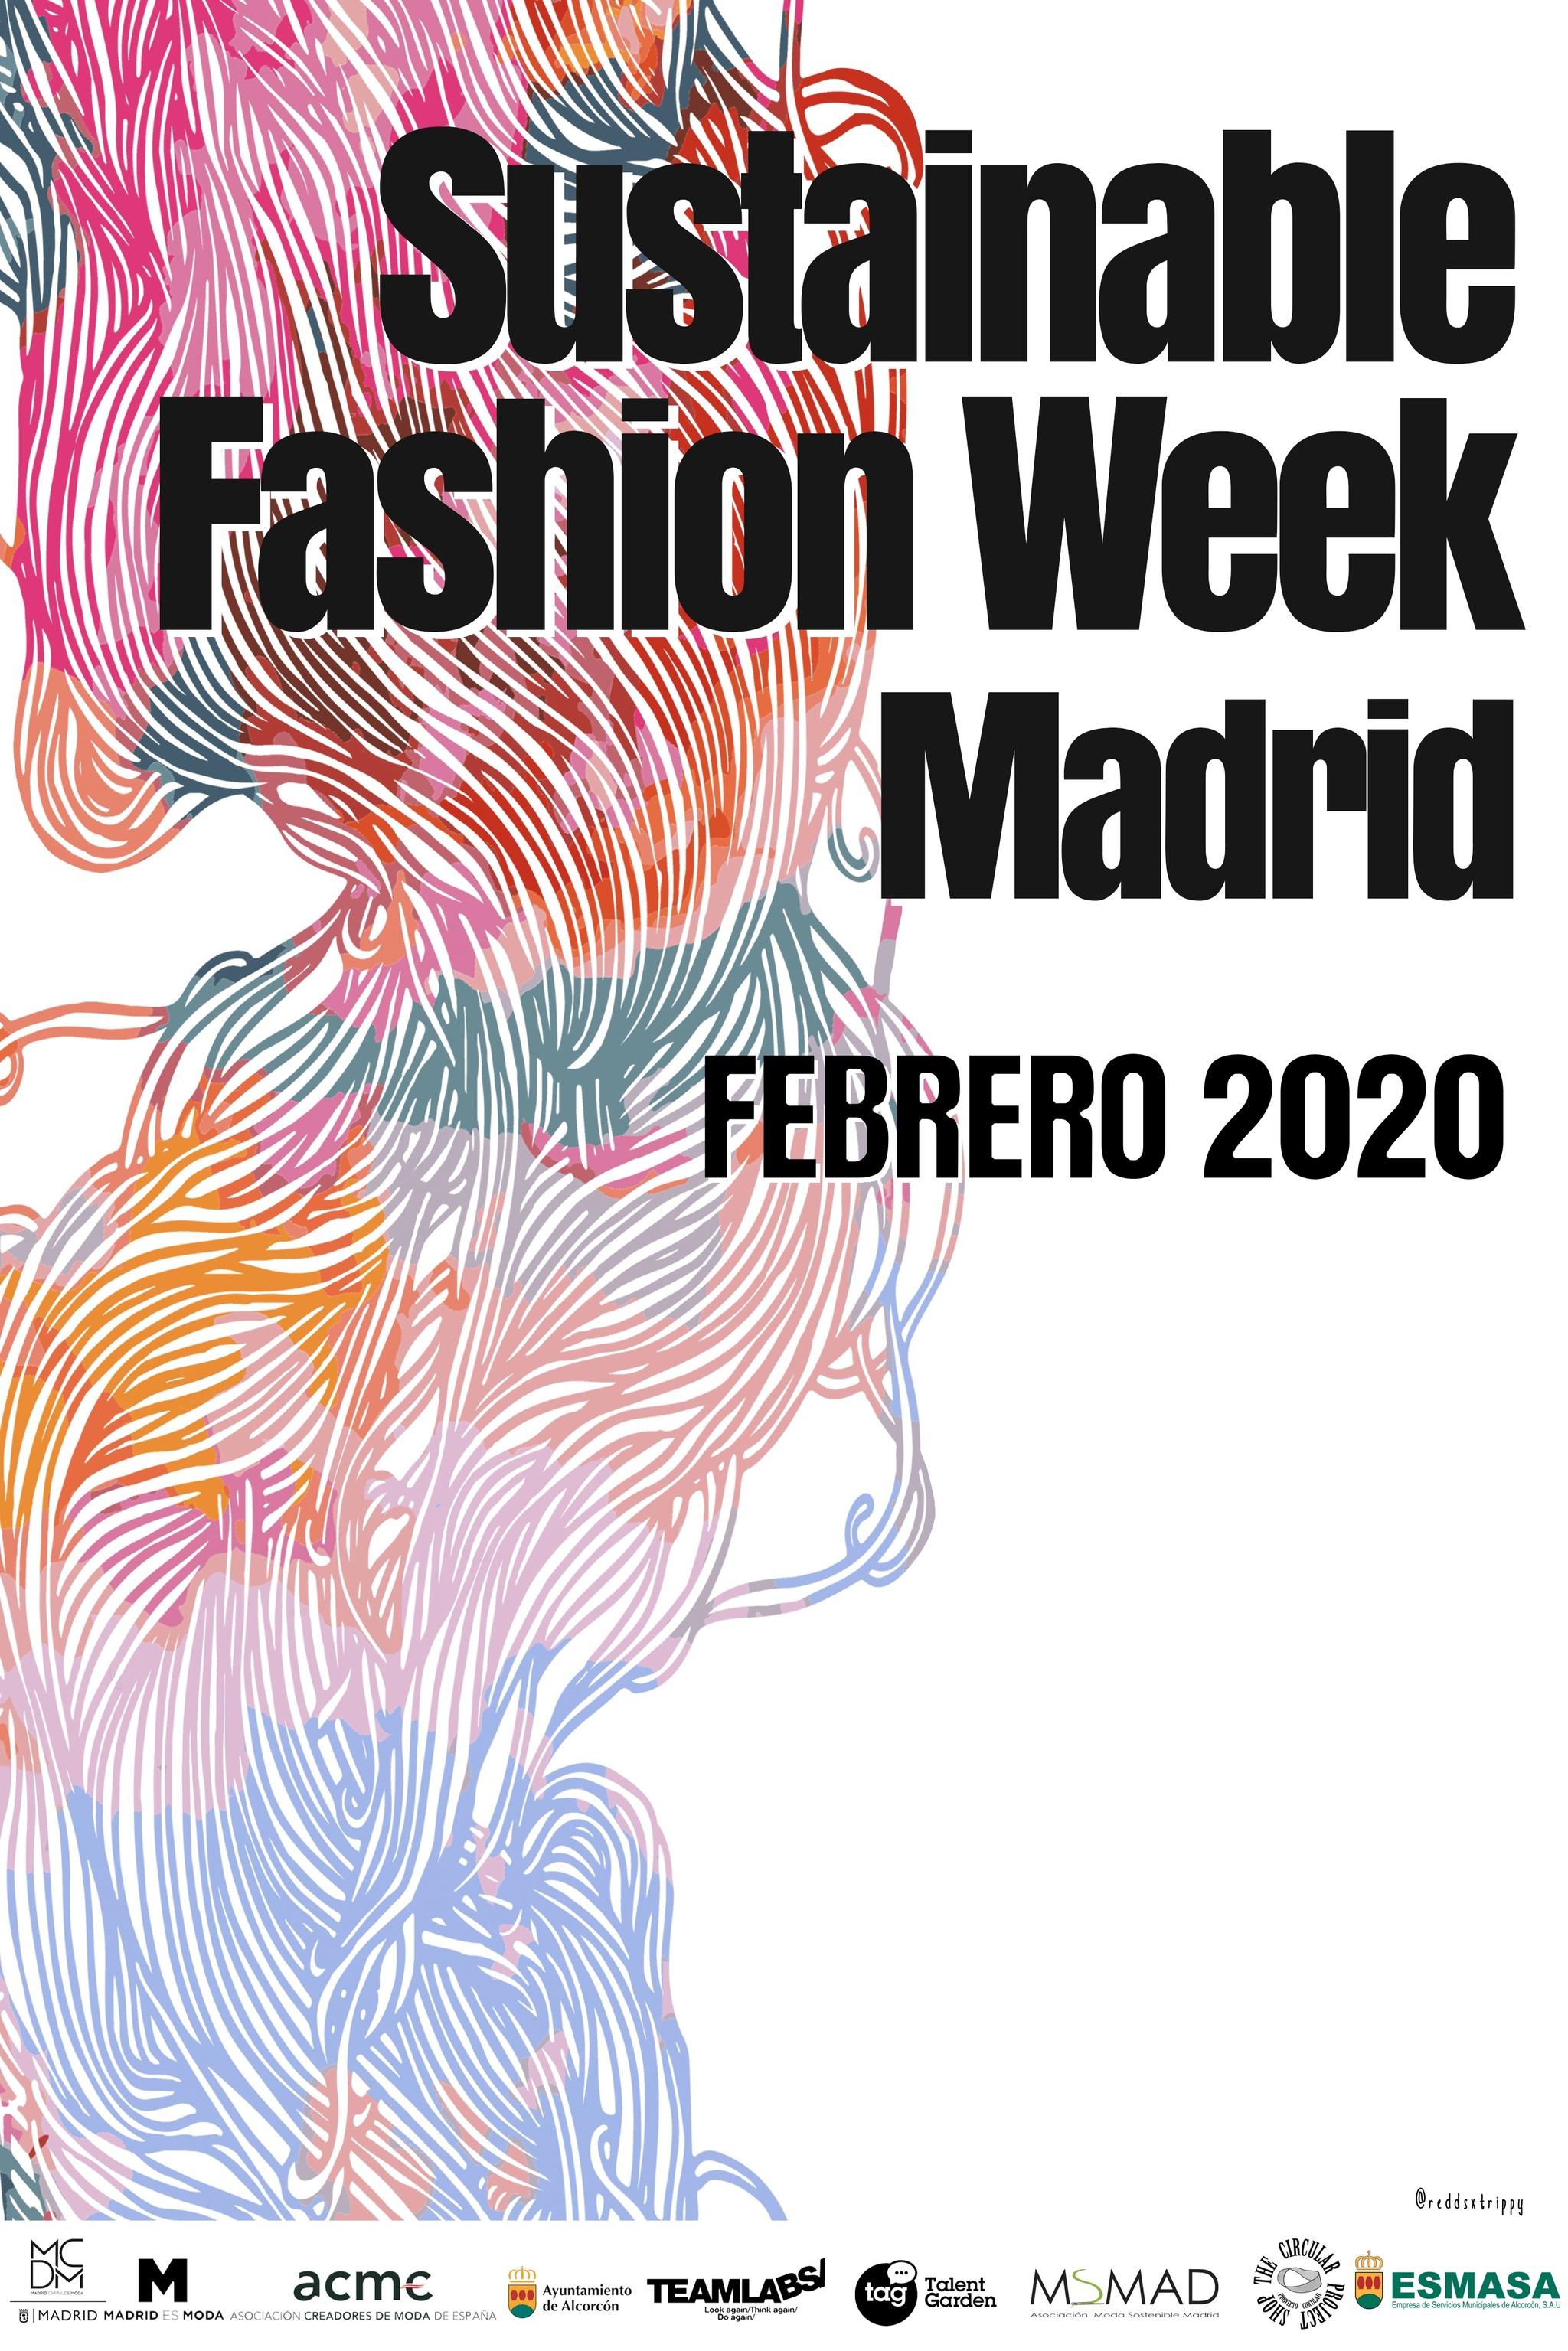 Sustainable Fashion Week Madrid